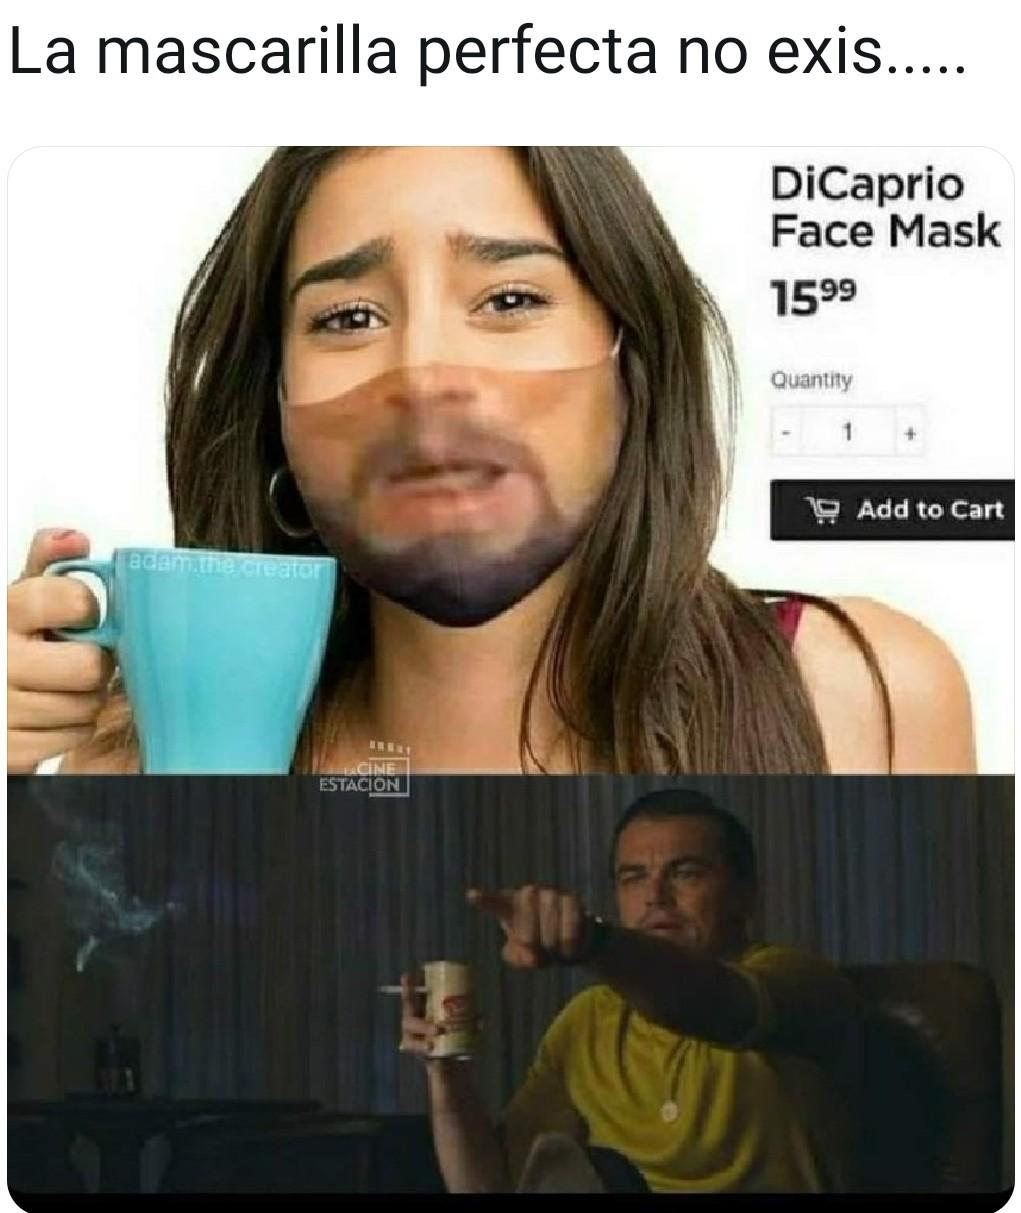 Deme 10 - meme